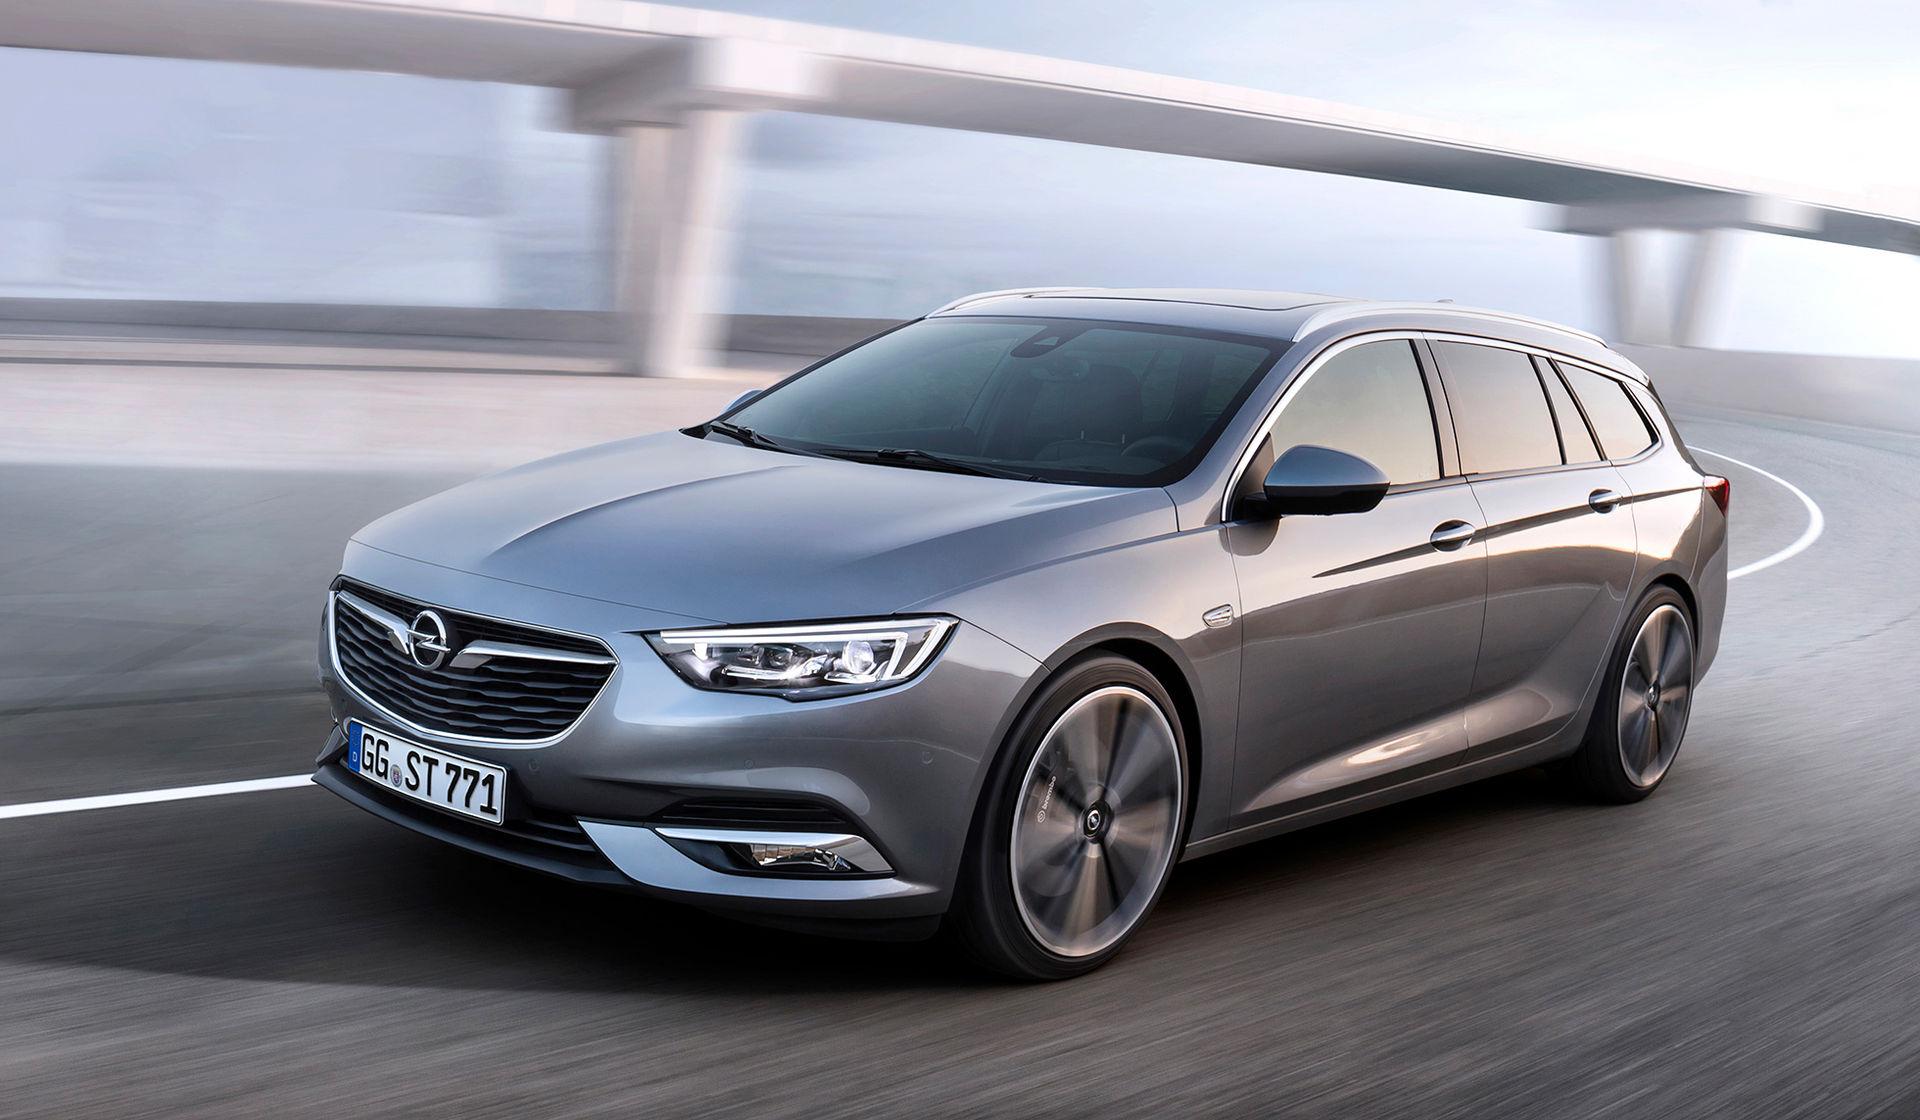 Opel visar nya Insignia i kombiutförande